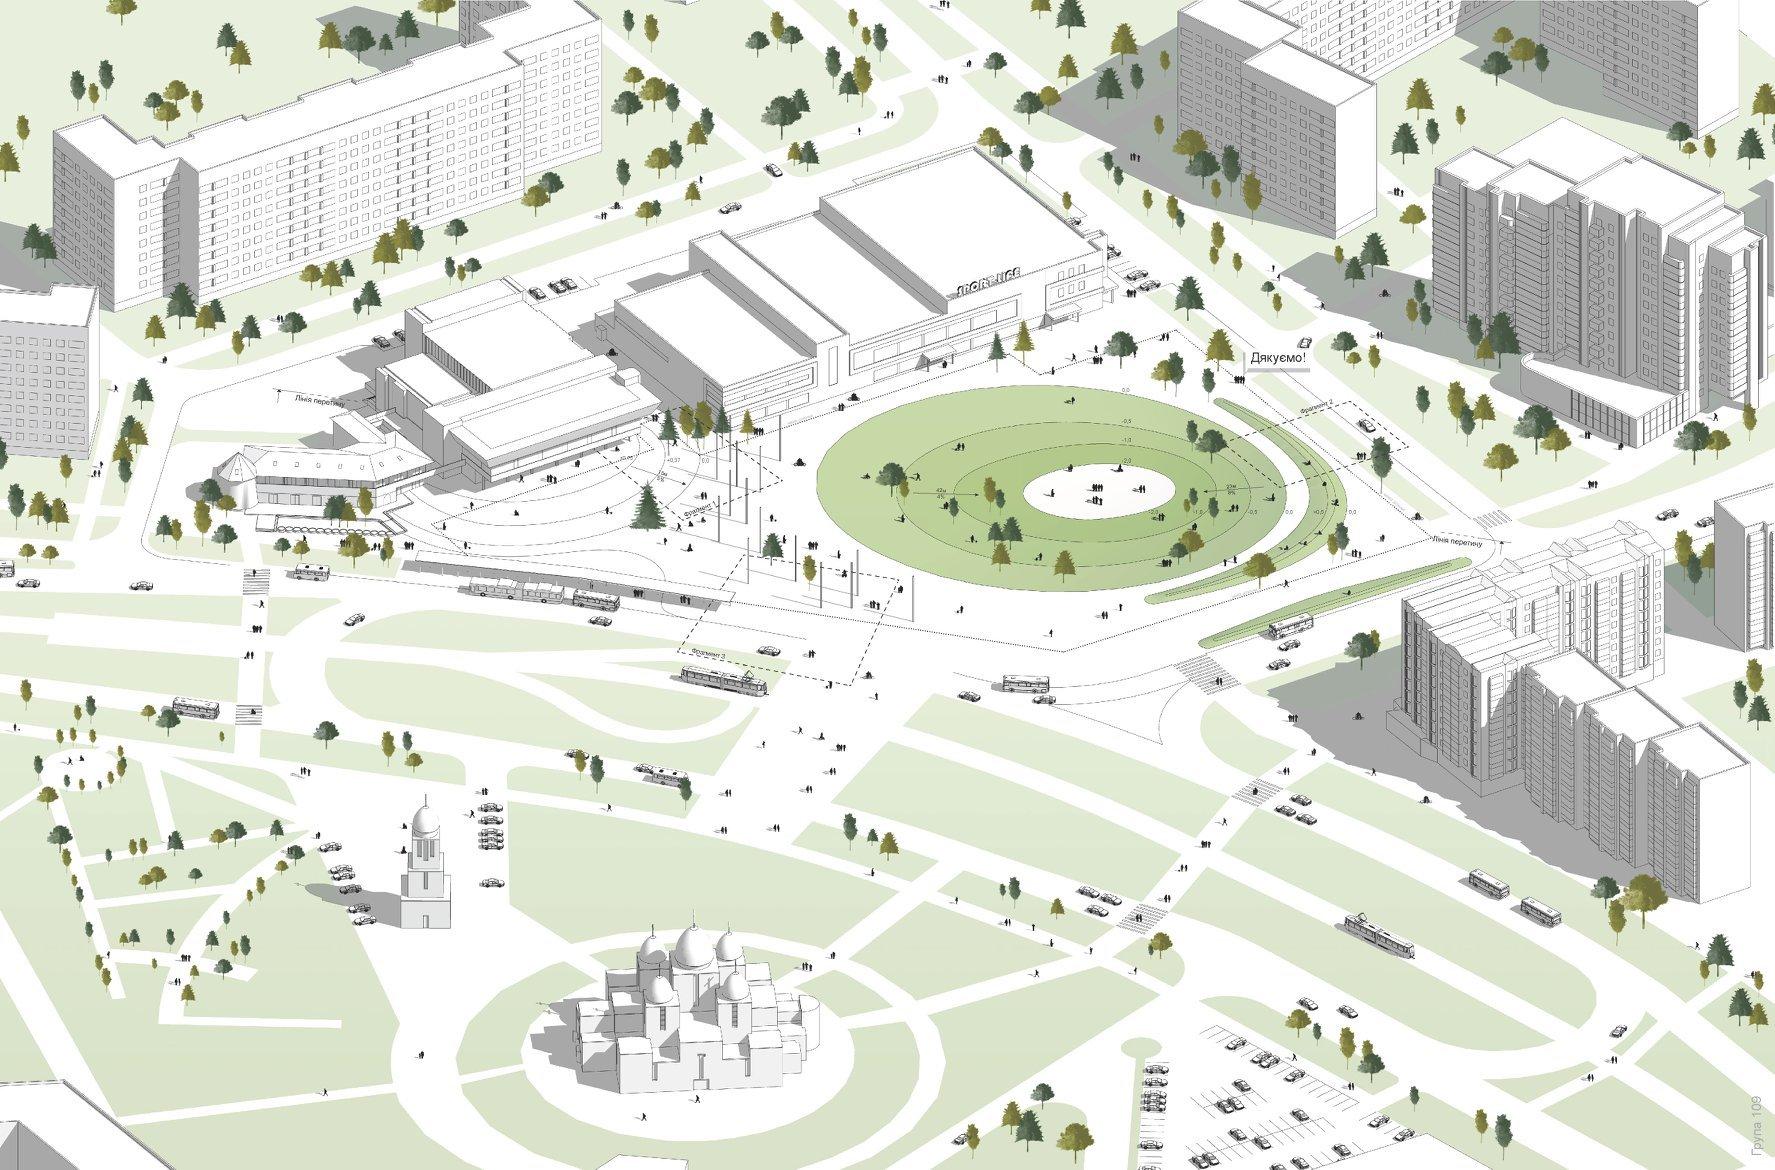 Візуалізація проекту оновленої площи перед кіноцентром Довженка